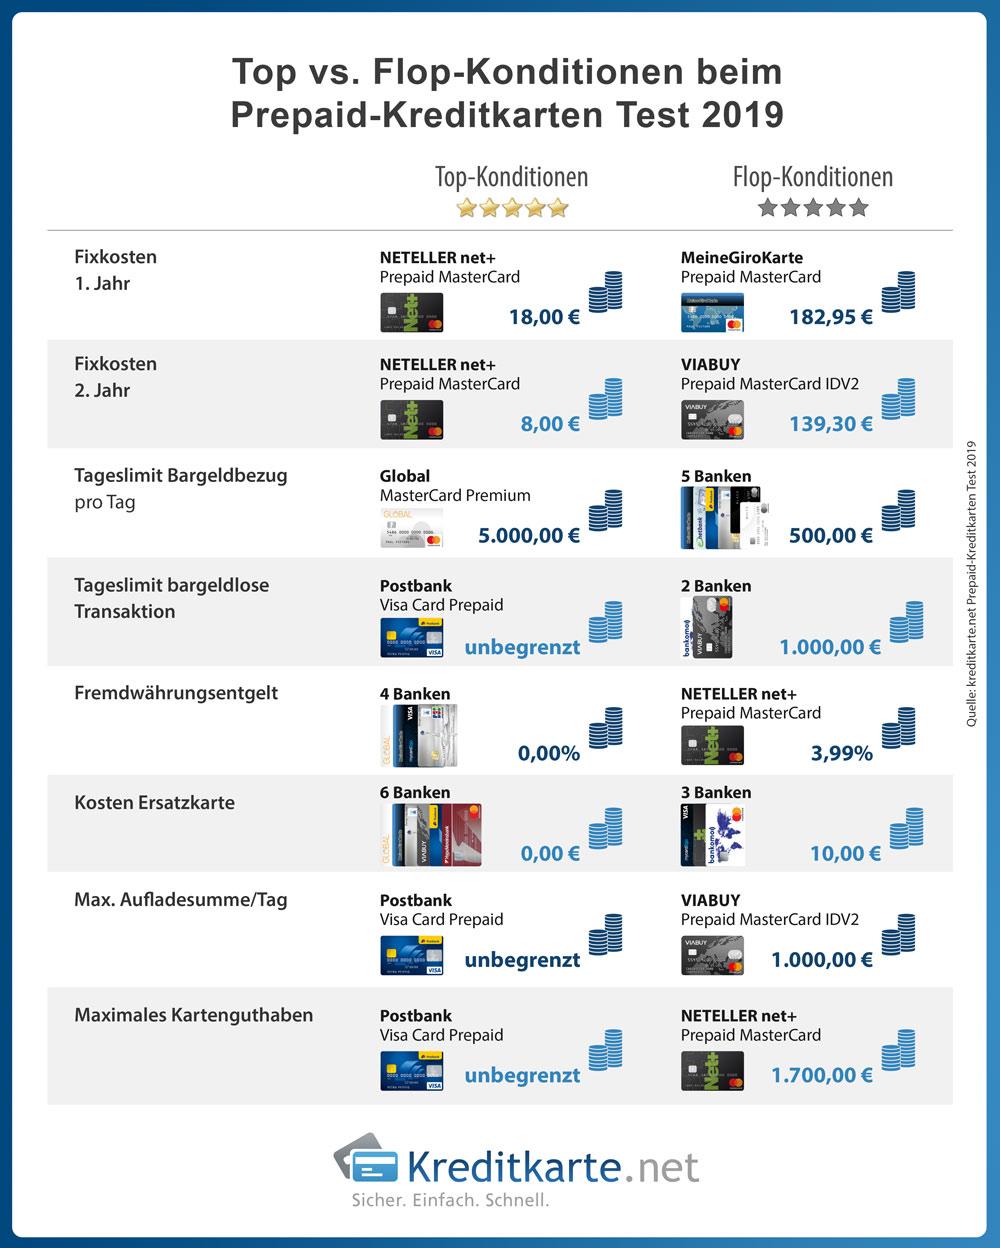 Überblick der Top- und Flop-Konditionen von Prepaid-Kreditkarten in 2019